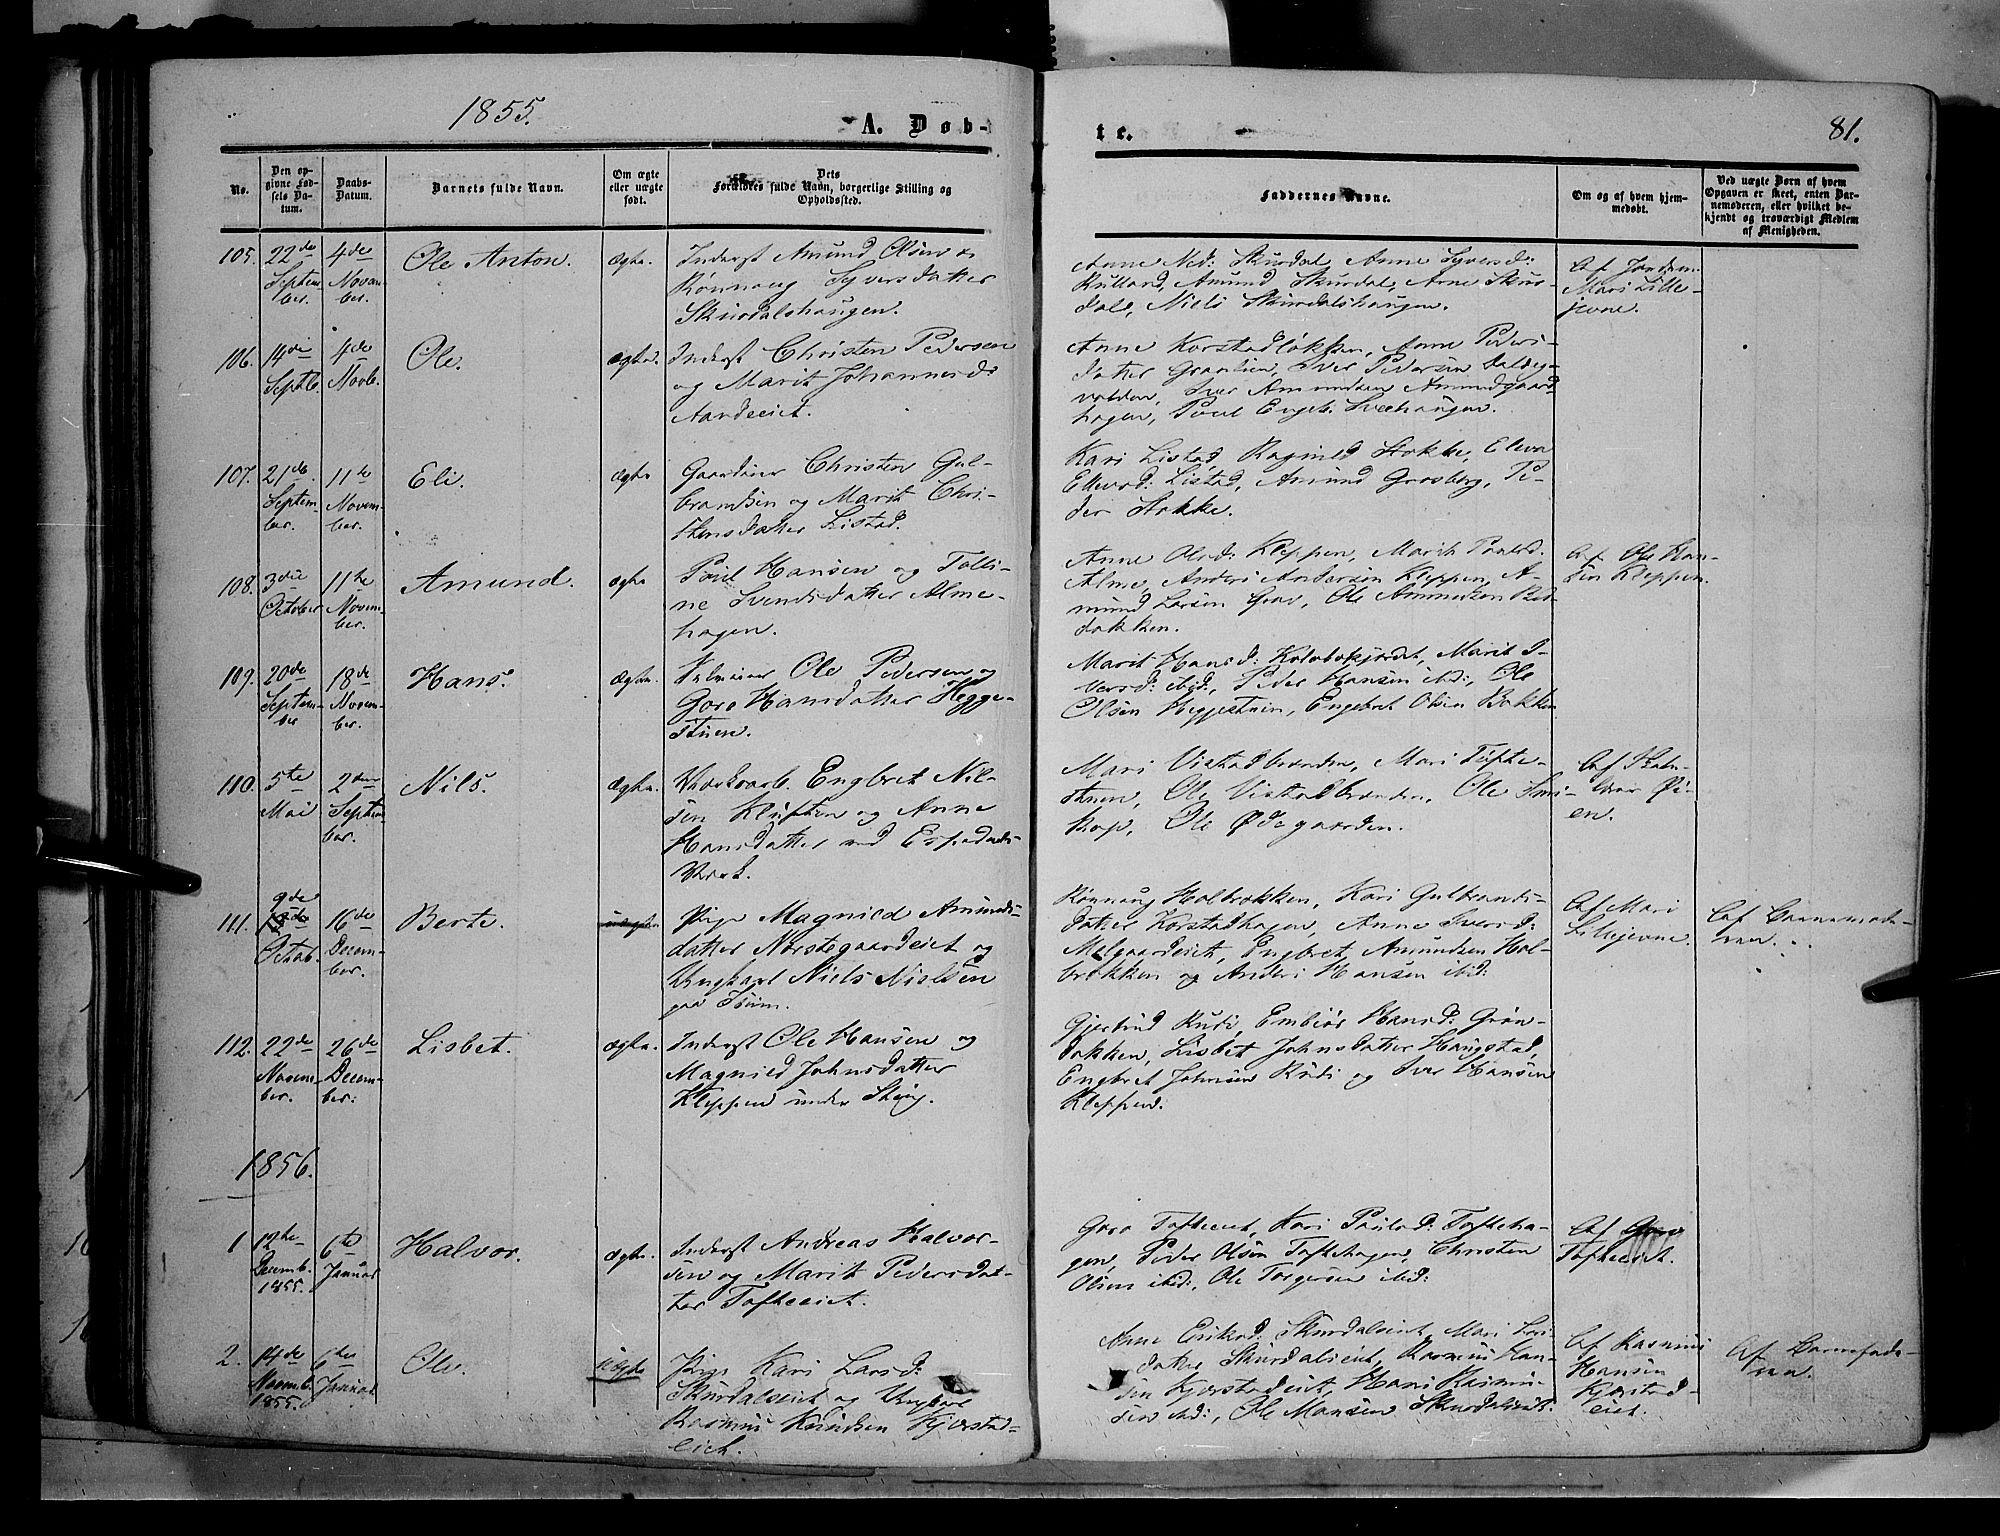 SAH, Sør-Fron prestekontor, H/Ha/Haa/L0001: Ministerialbok nr. 1, 1849-1863, s. 81